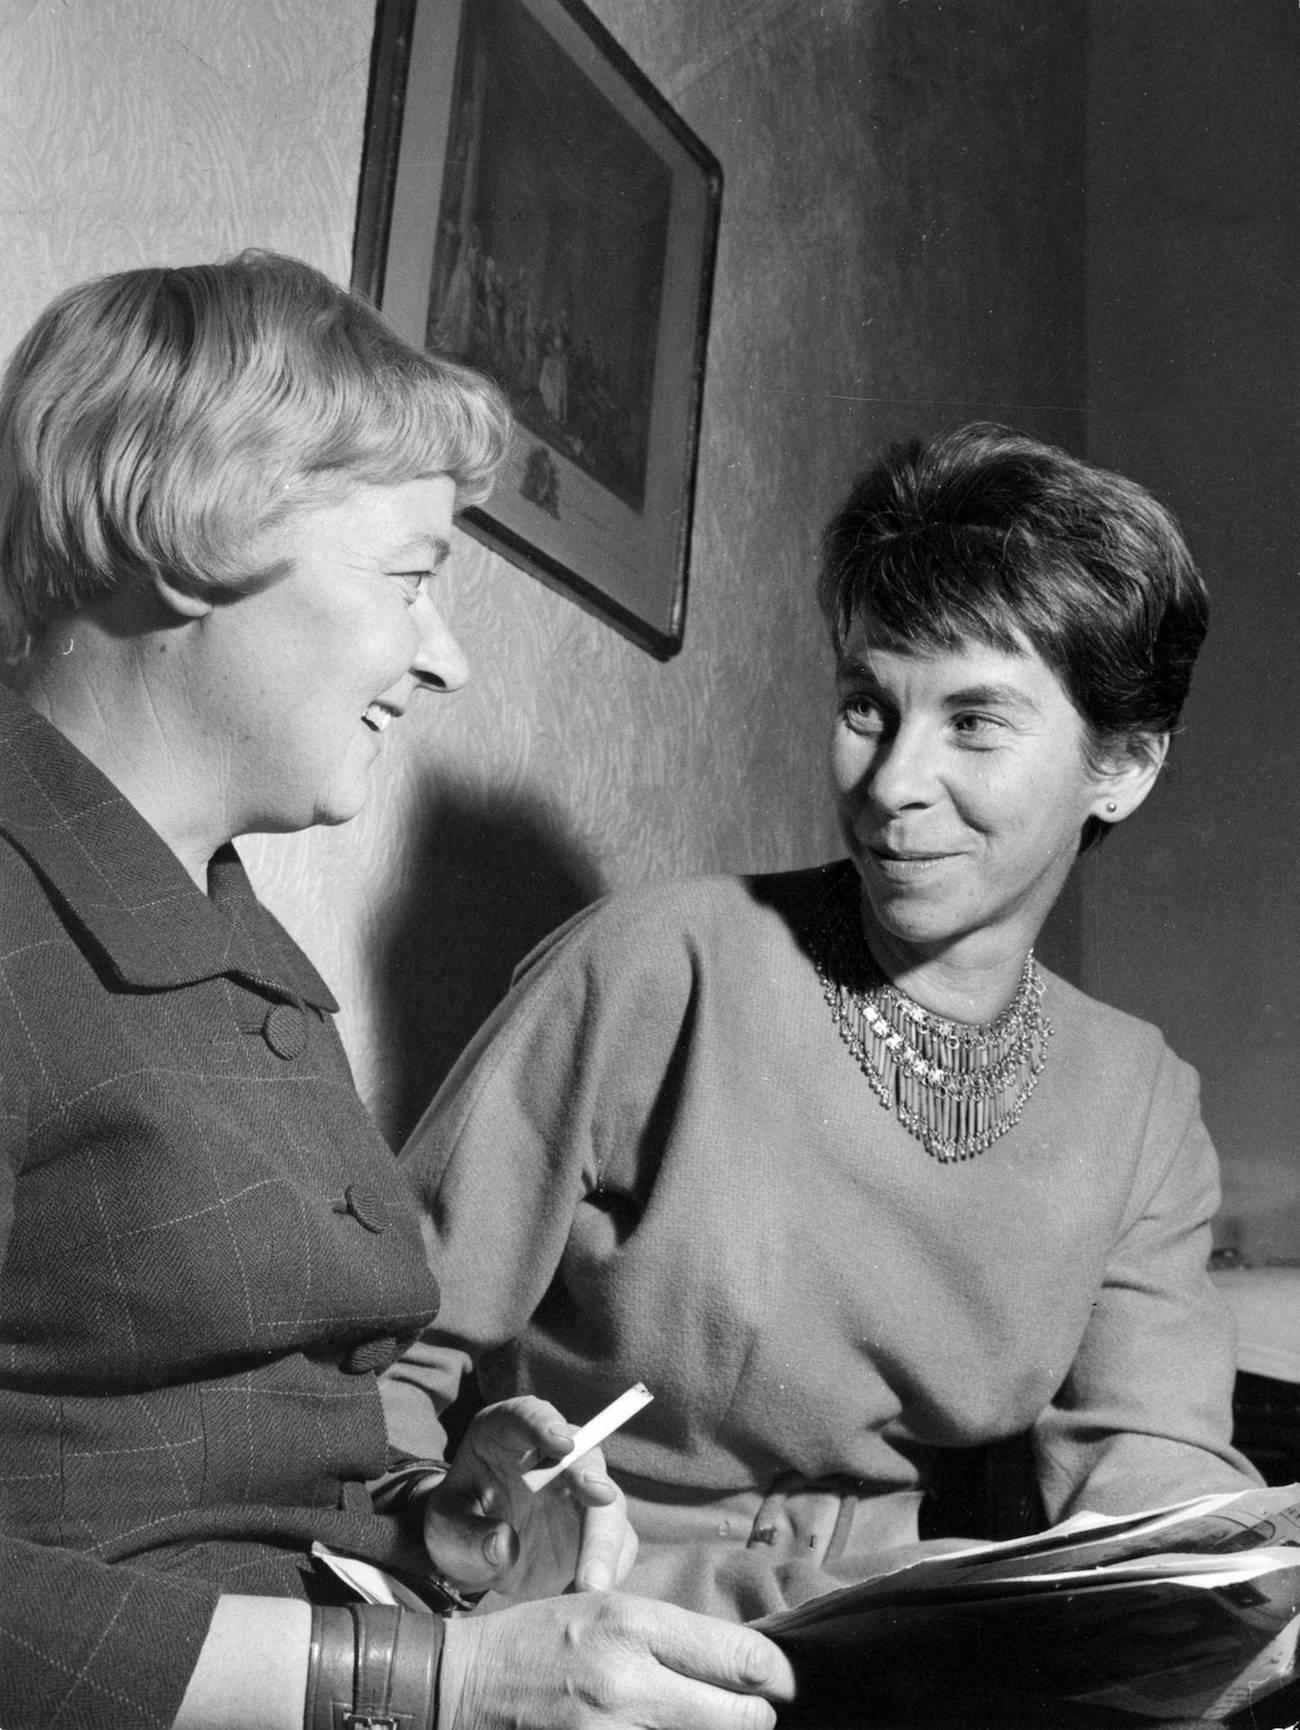 Pietila Jansson 1960